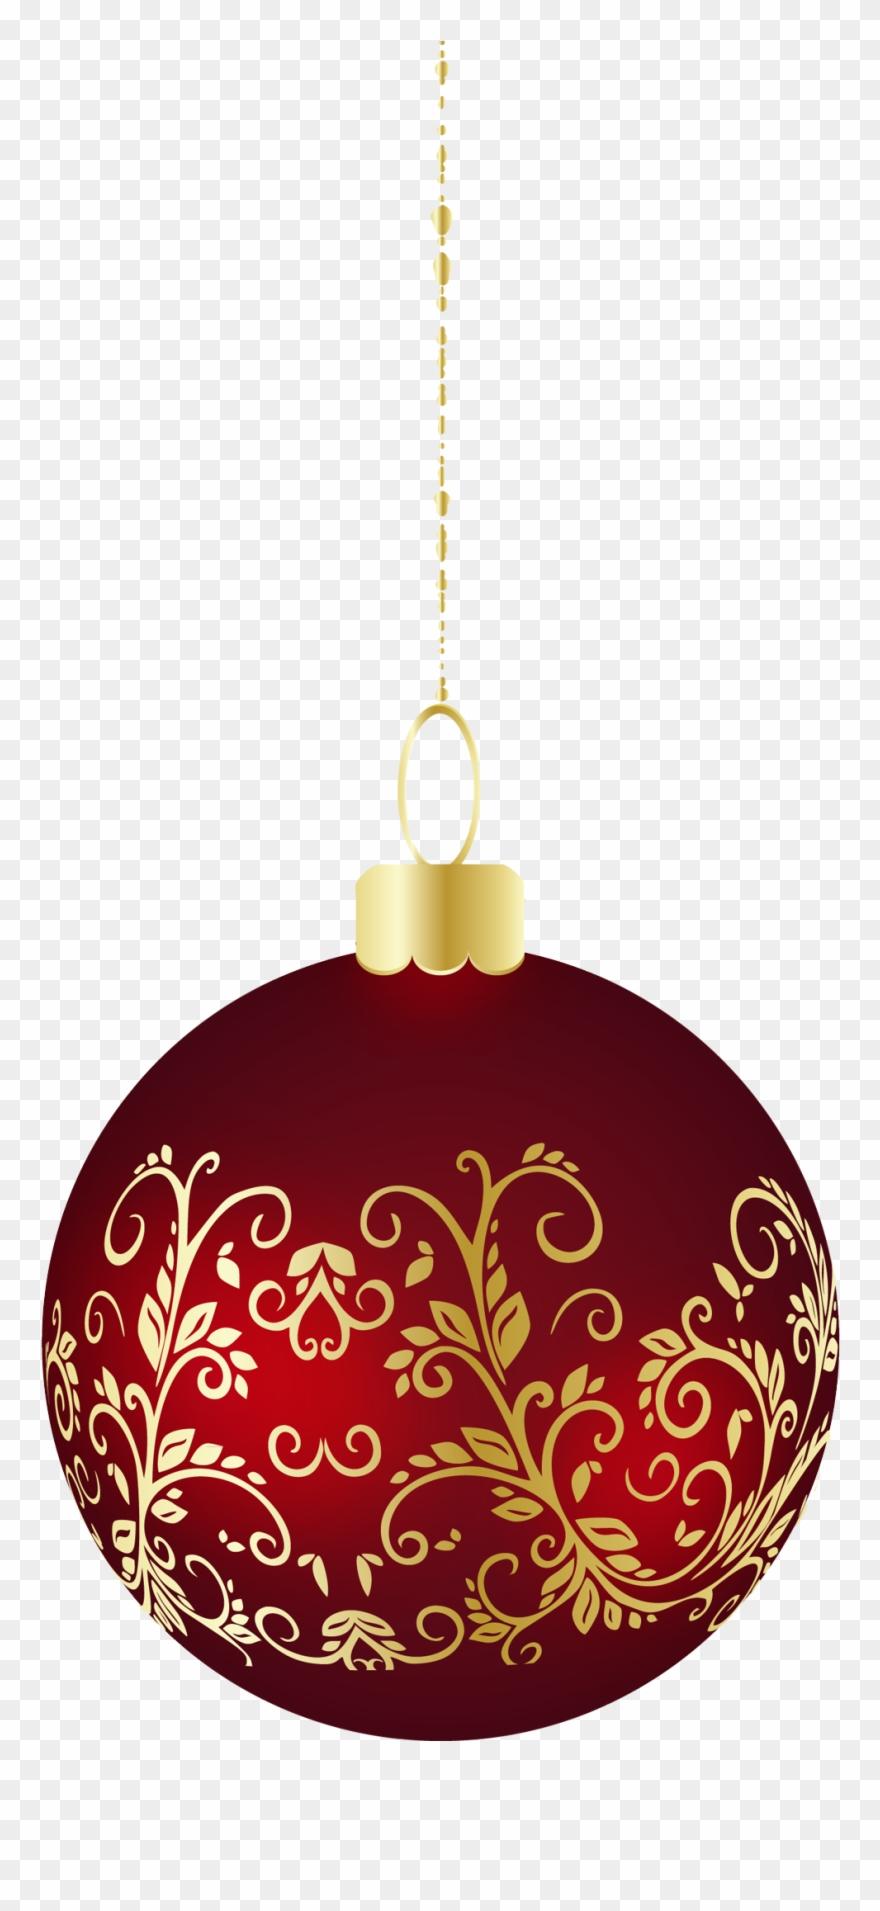 Christmas Bulb Png Free Christmas Ball Png Transparent.